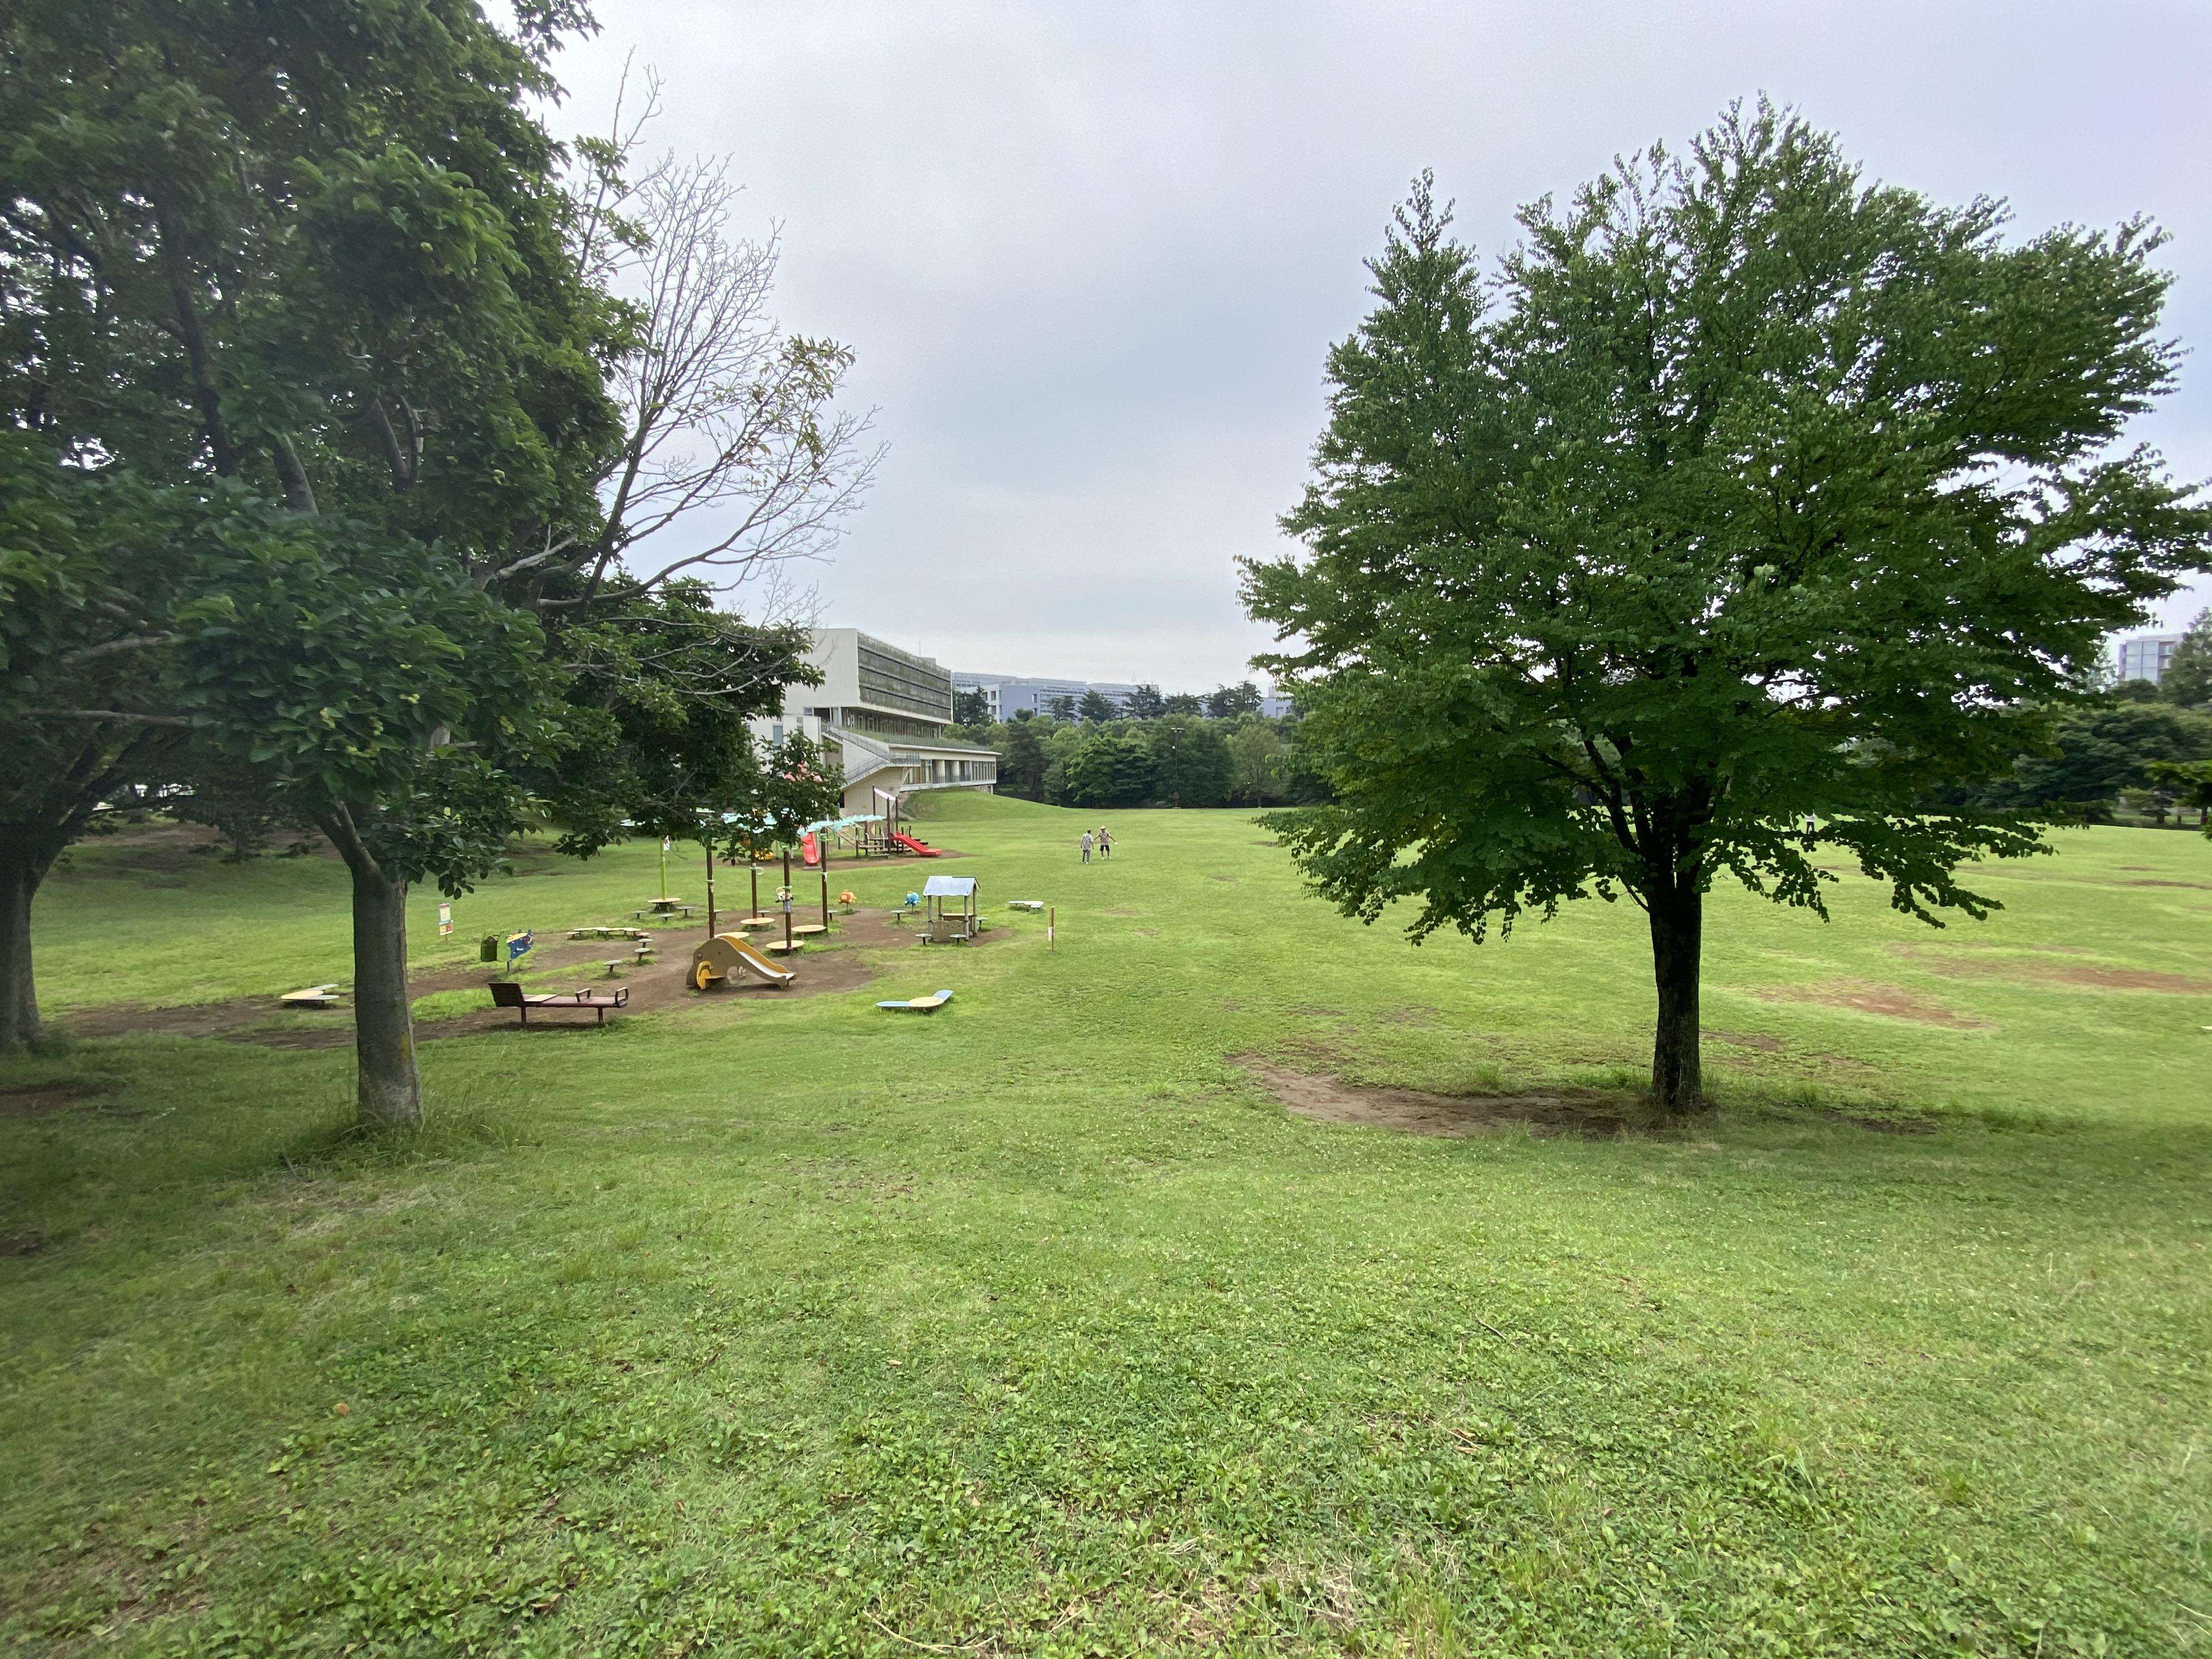 広々とした芝生広場は、スポーツやレクリエーション、ピクニック等さまざまな用途でご利用いただけます